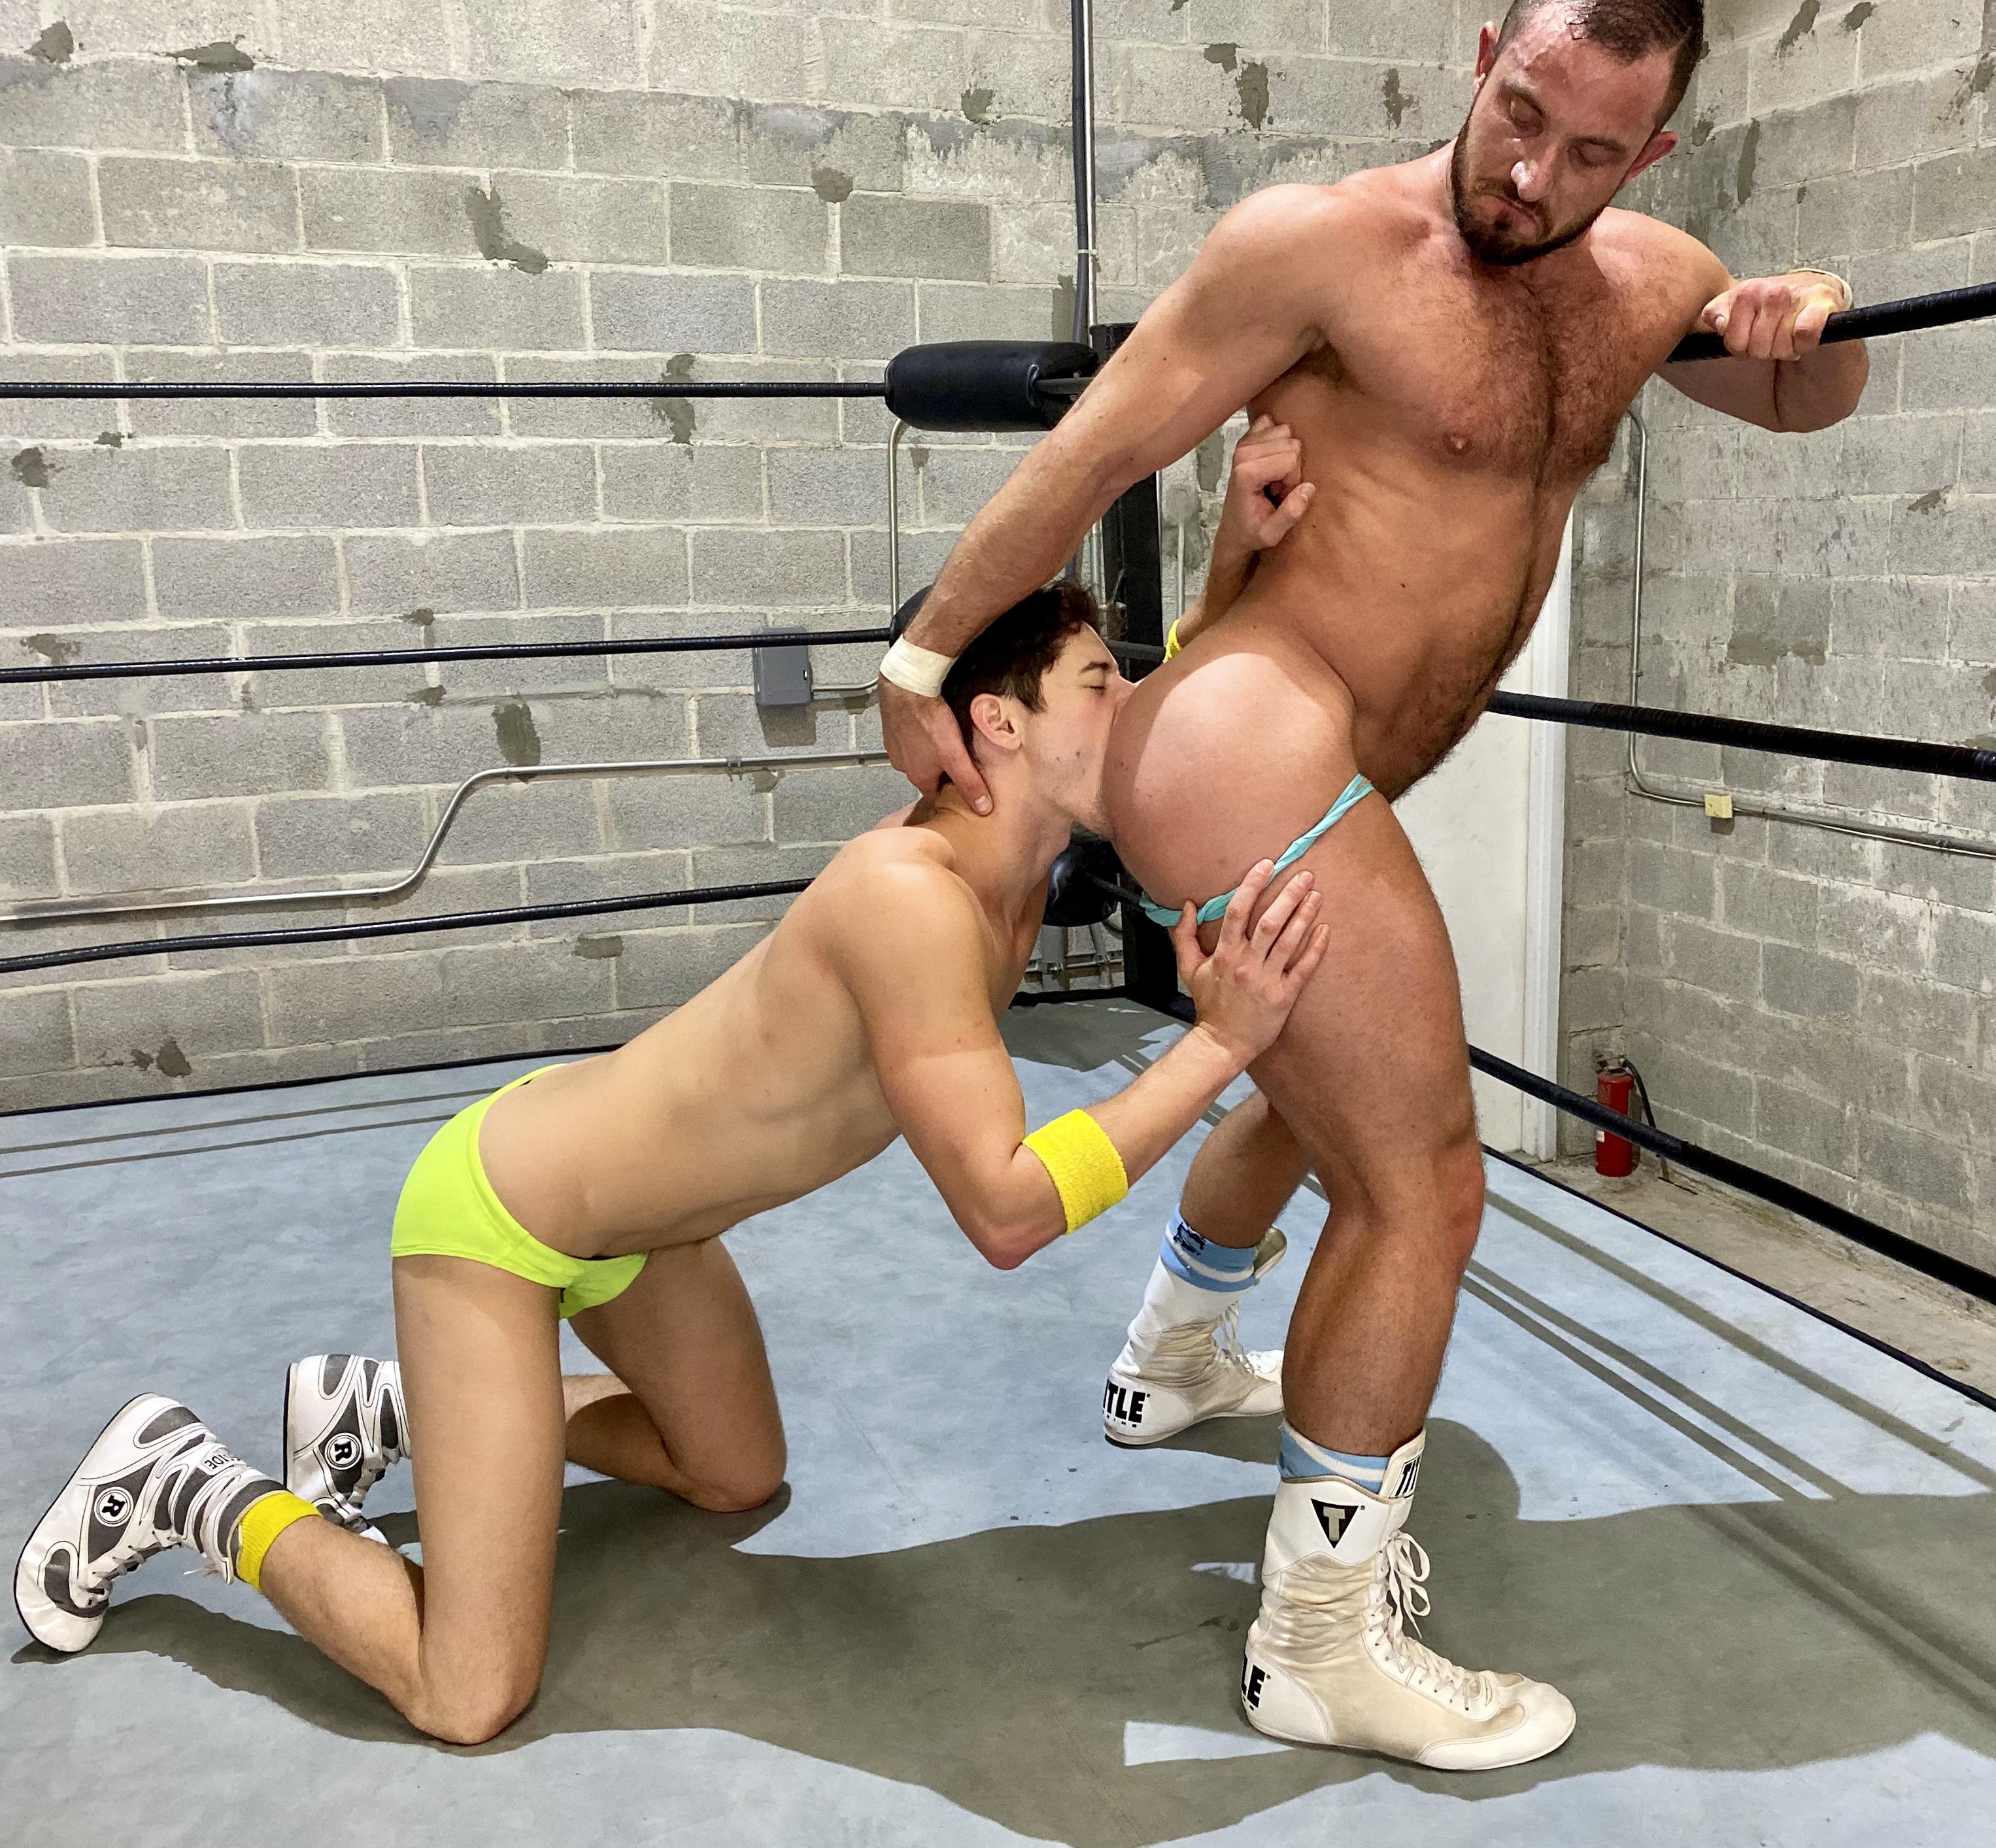 Gay wrestling free